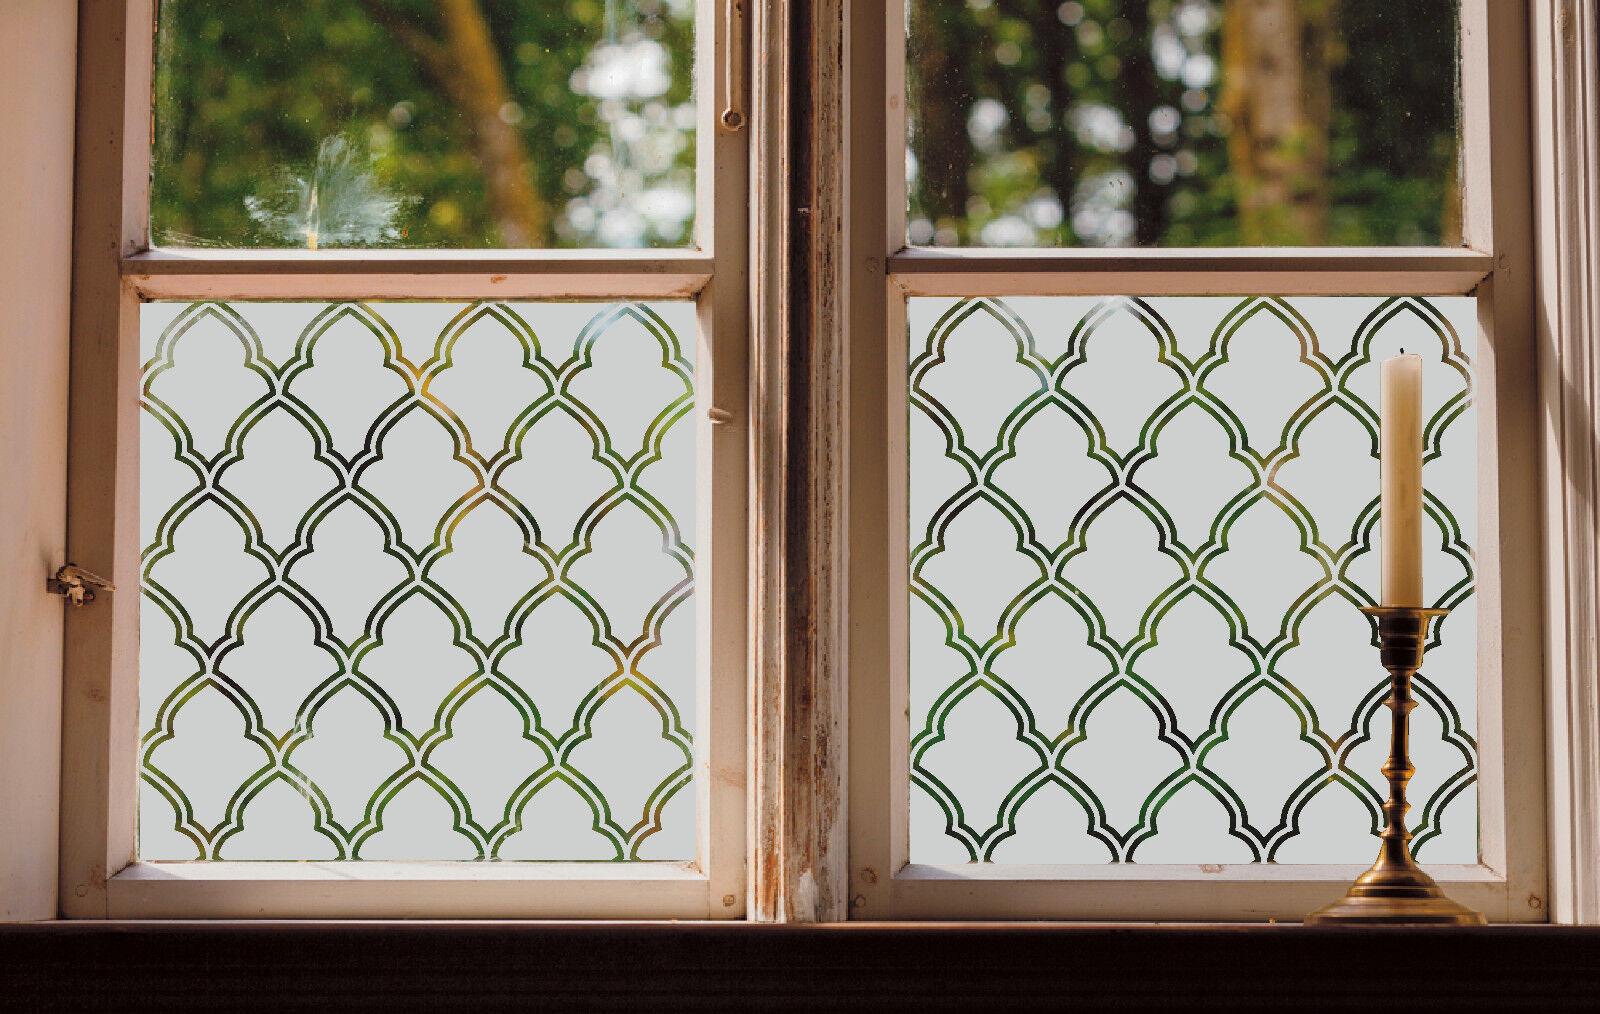 Vetro satinato pellicola finestra ghiacciata effetto - Pellicola vetro finestra ...